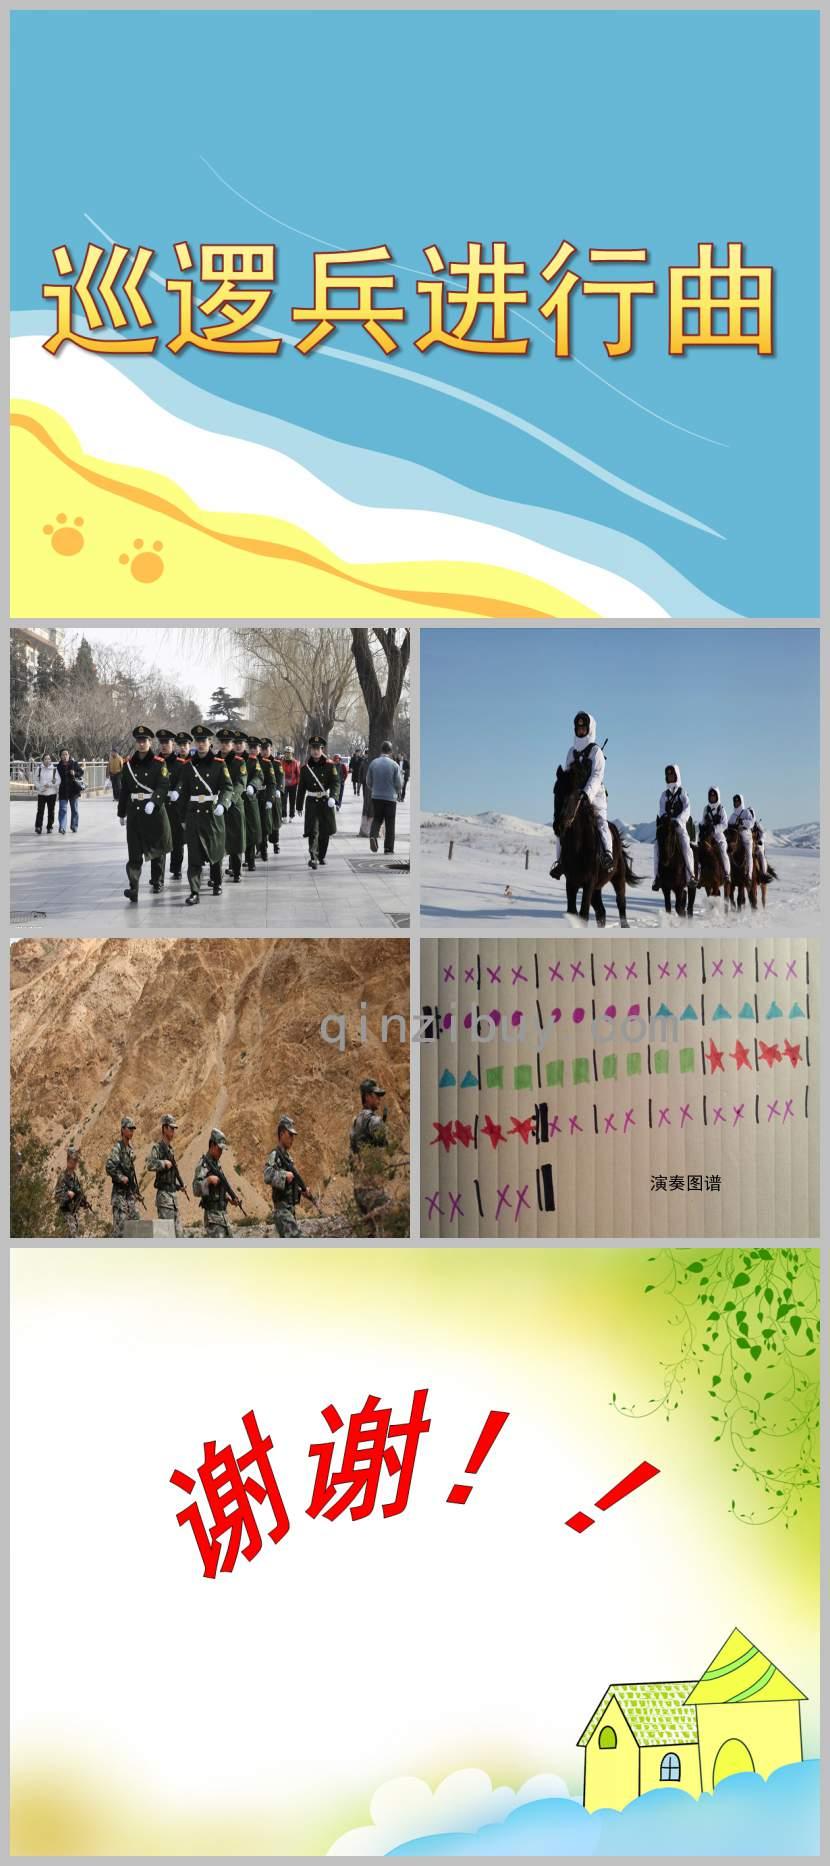 巡逻兵进行曲PPT课件教案图片